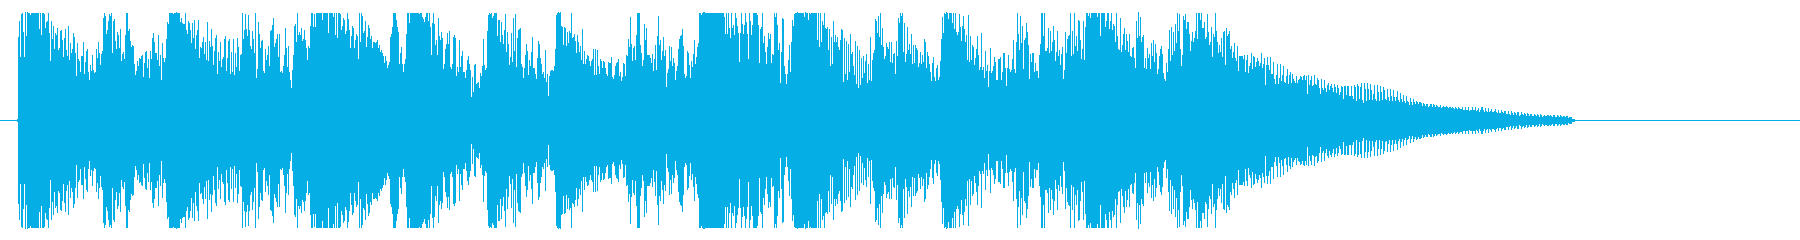 アコースティックギター ジングル 生演奏の再生済みの波形